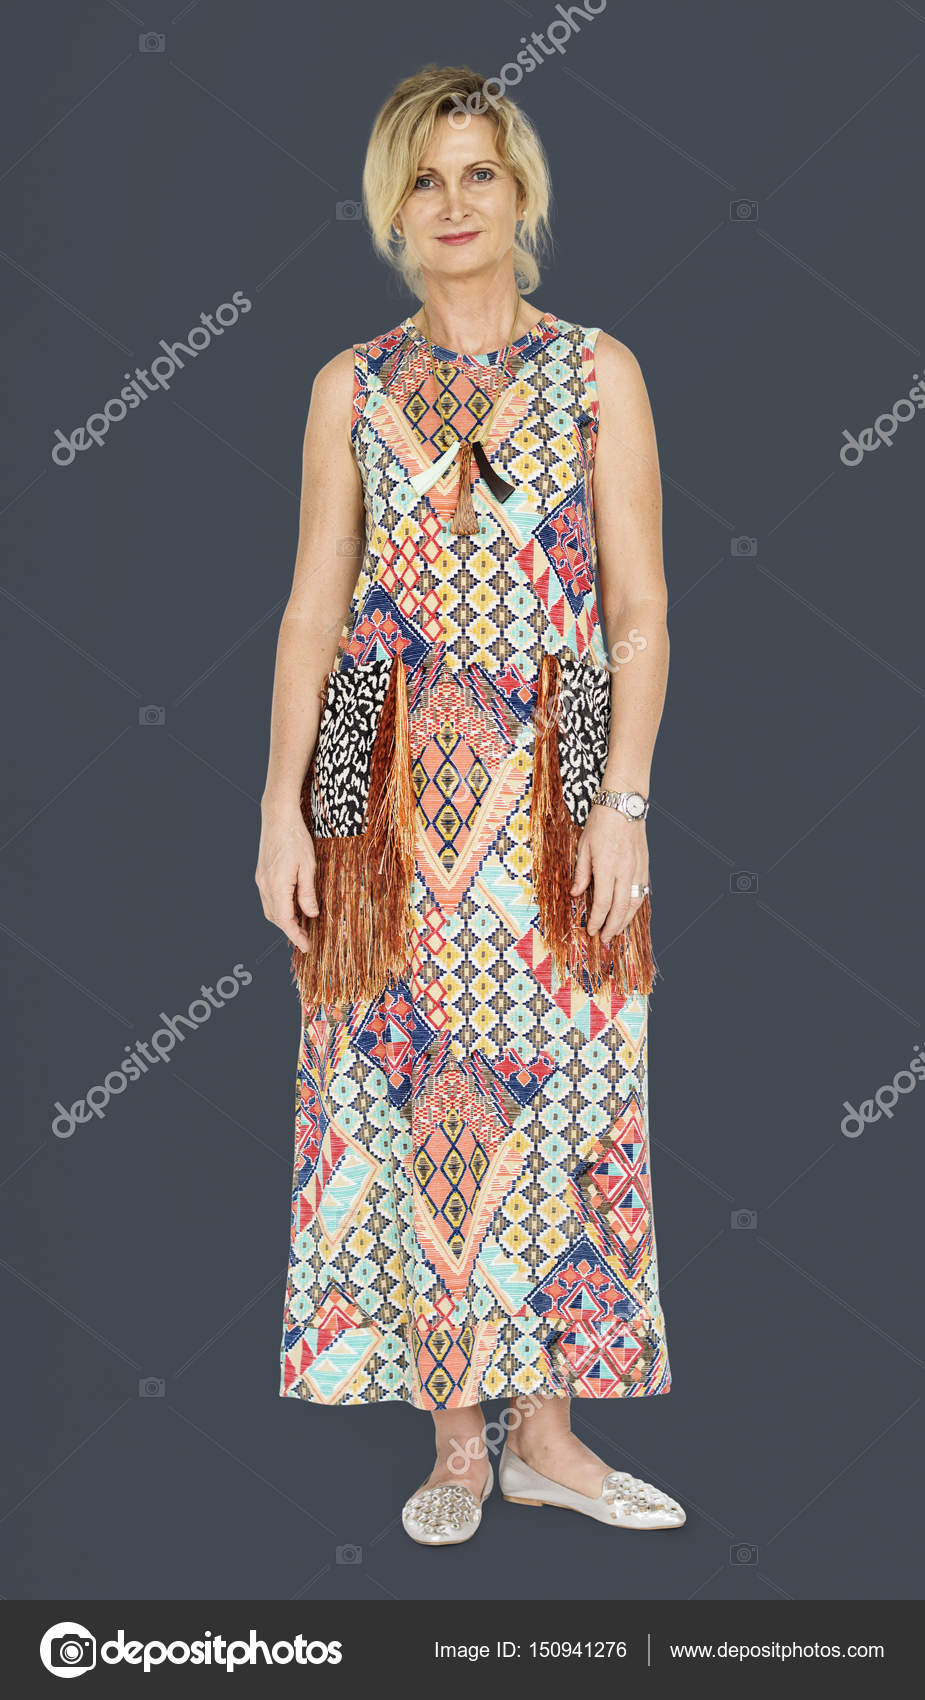 Reife blonde Frau im Kleid — Stockfoto © Rawpixel #150941276